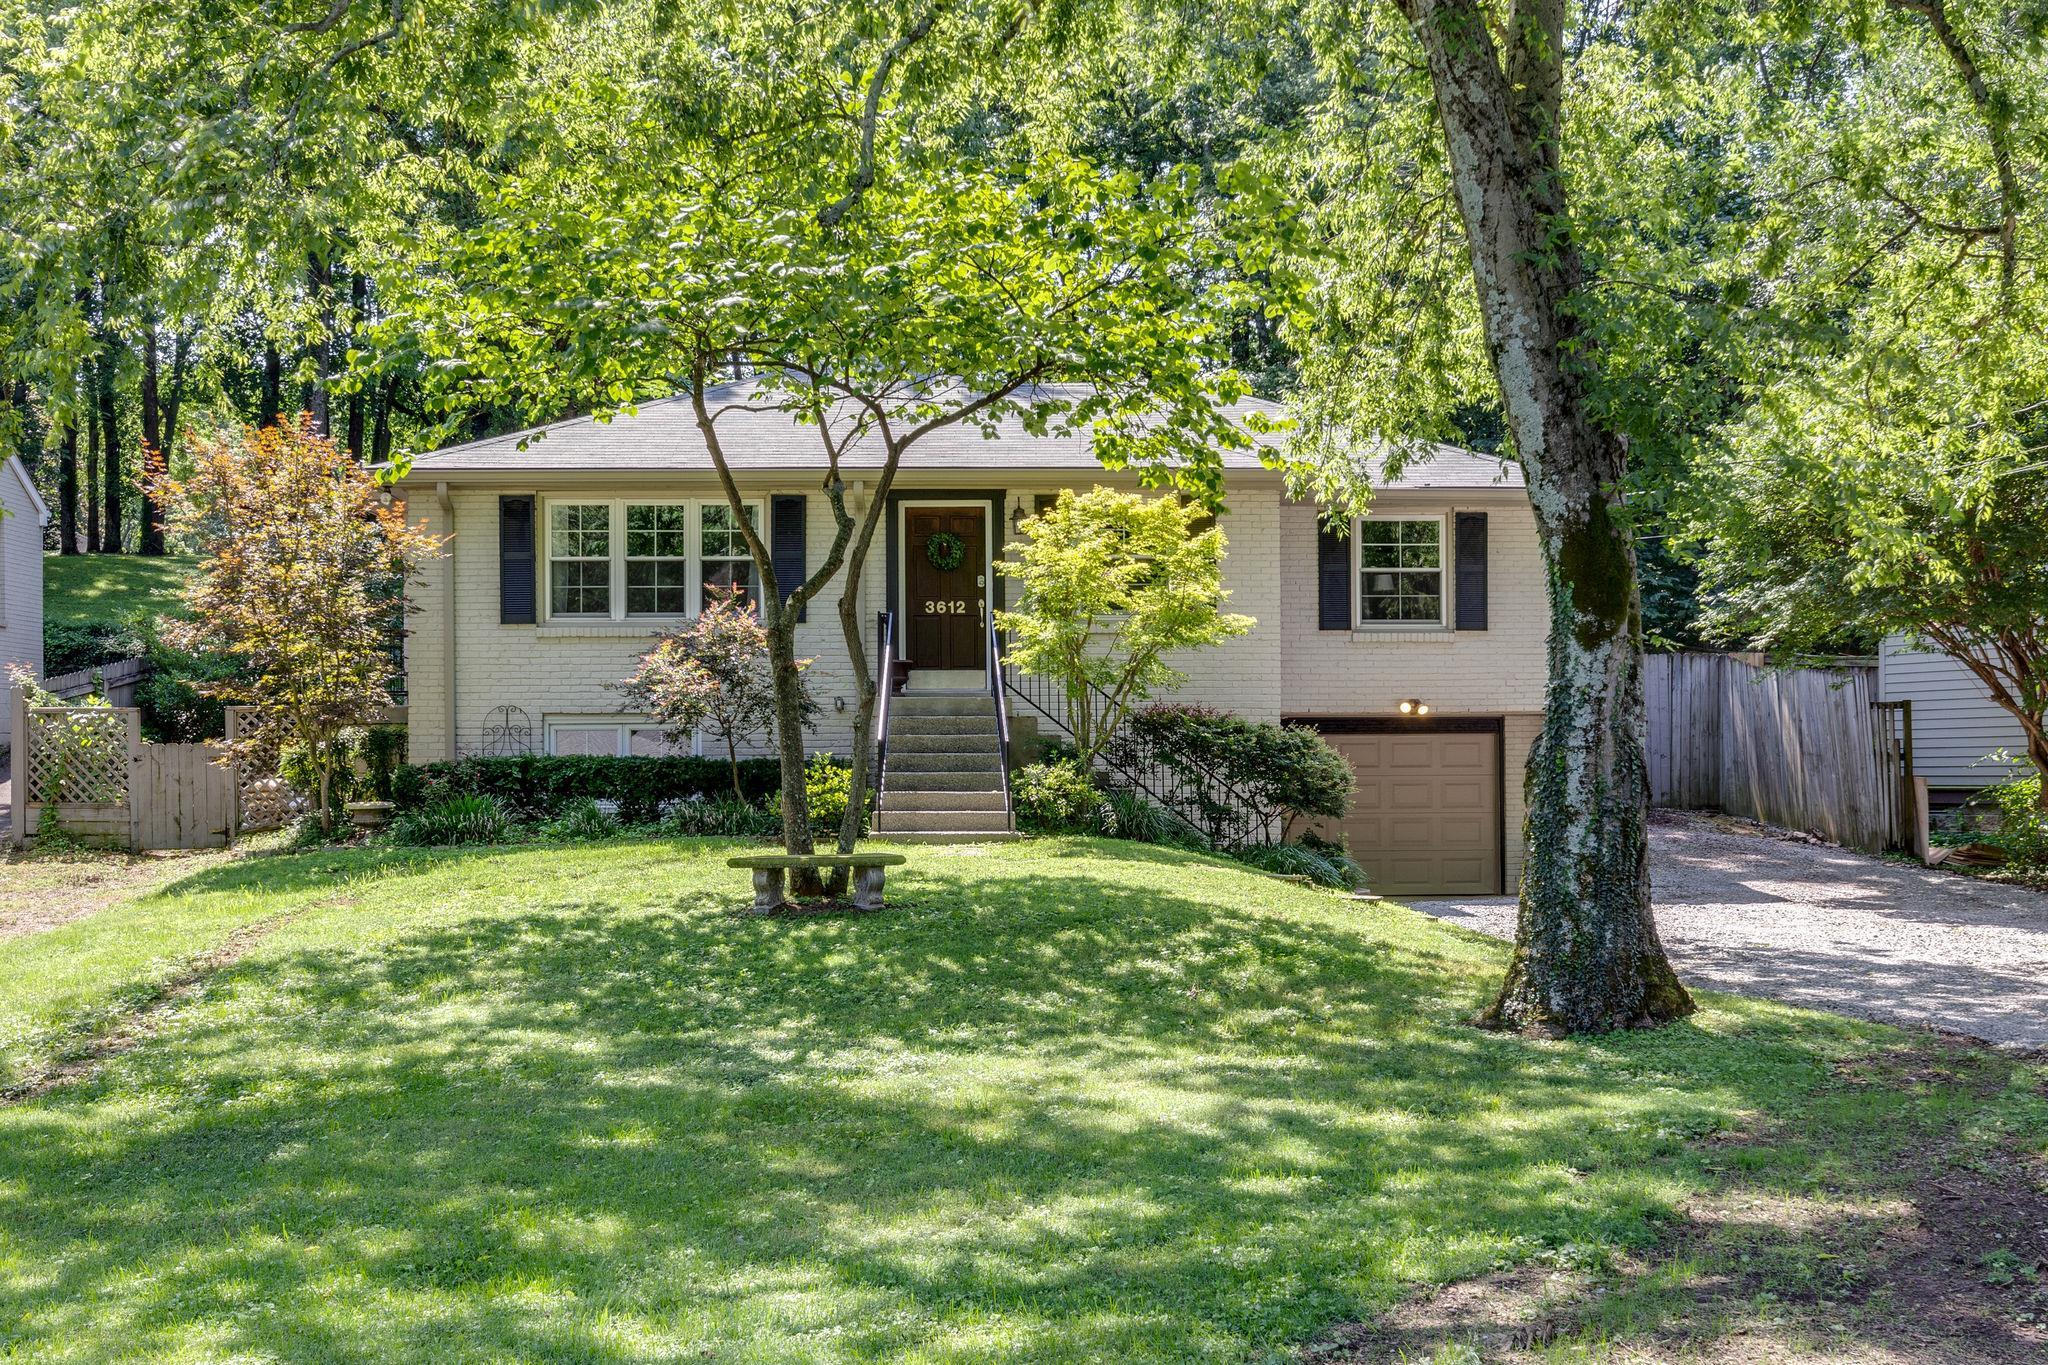 3612 Doge Pl, Nashville, TN 37204 - Nashville, TN real estate listing